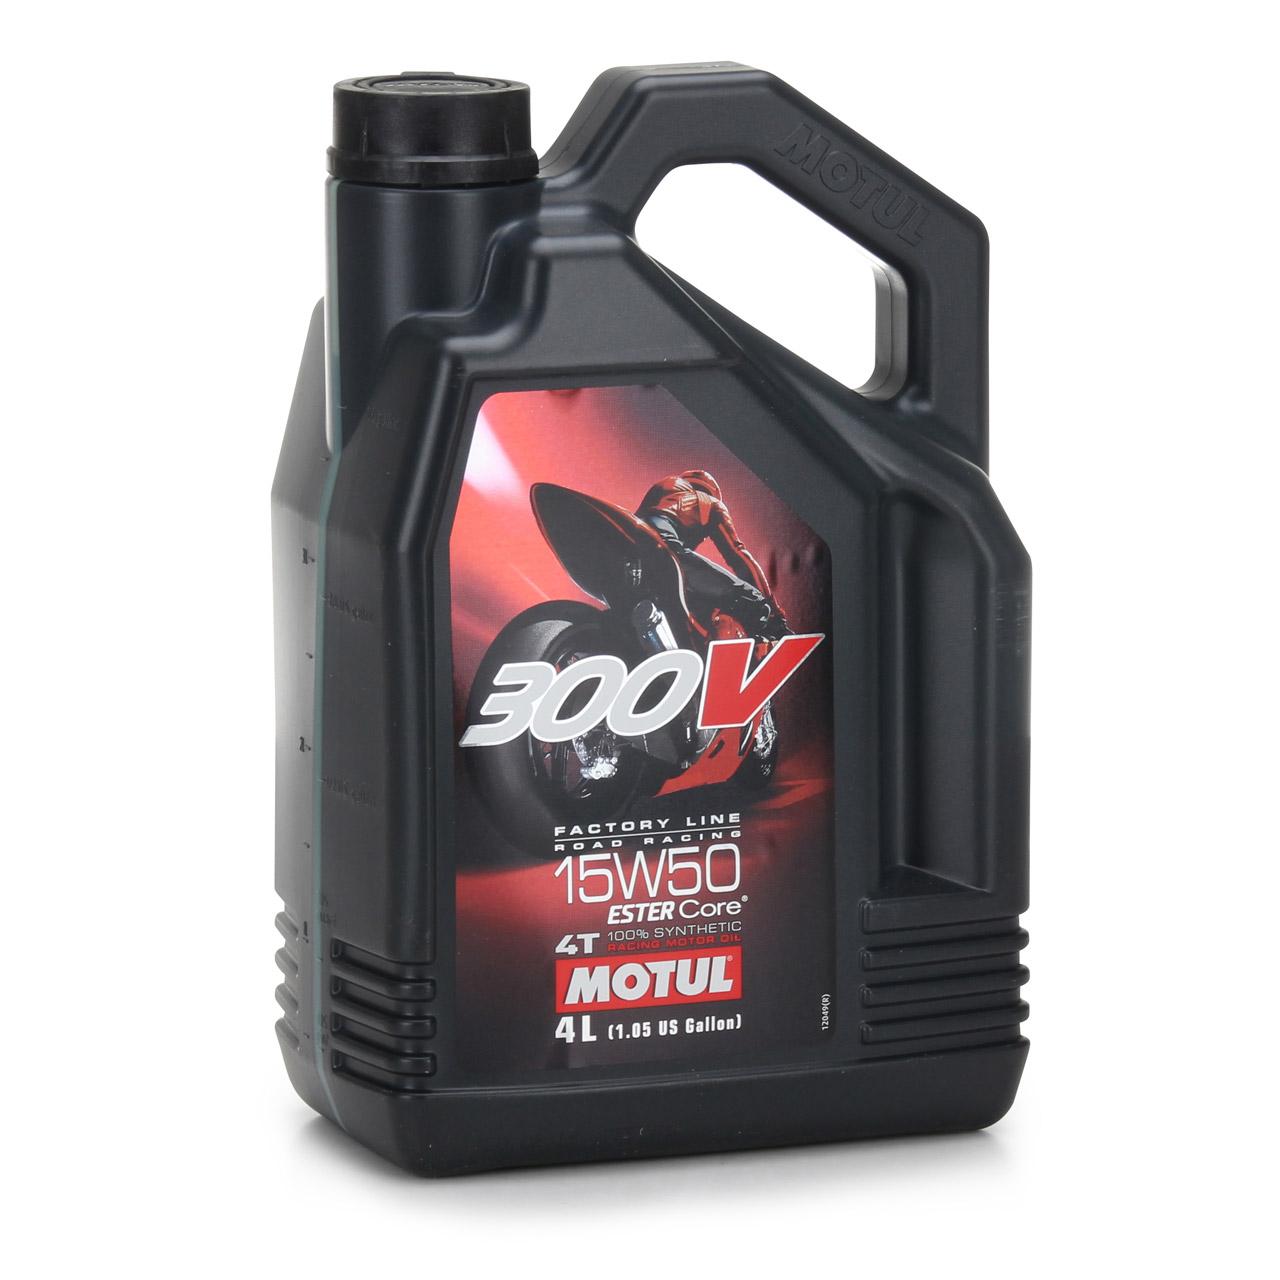 MOTUL 300 V 4T 4-TAKT Factory Line Ester Core Motoröl ÖL 15W50 Motorrad 5 Liter